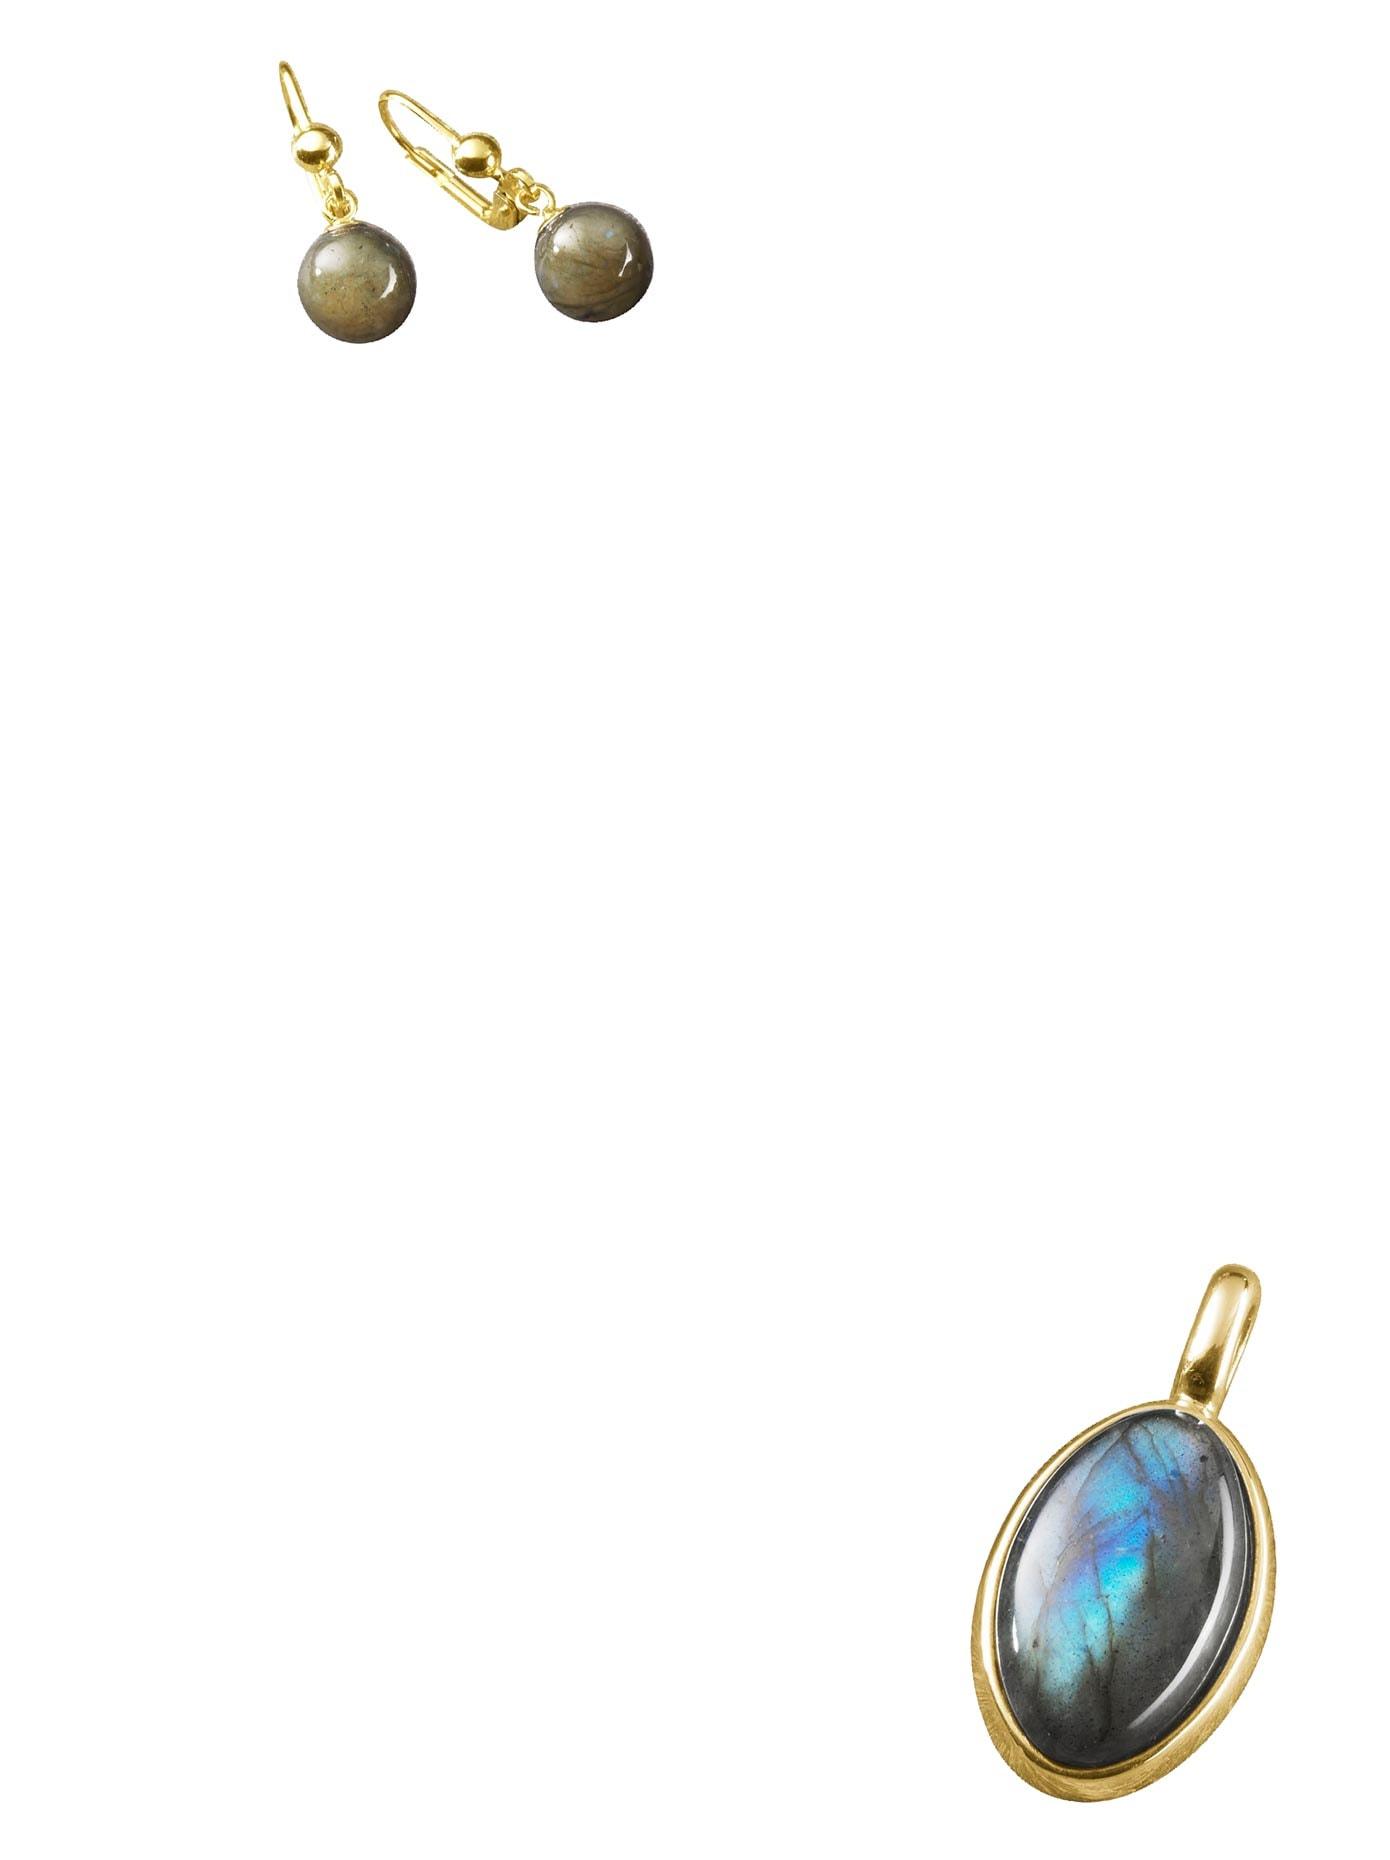 Kette | Schmuck > Halsketten > Ketten ohne Anhänger | Blau